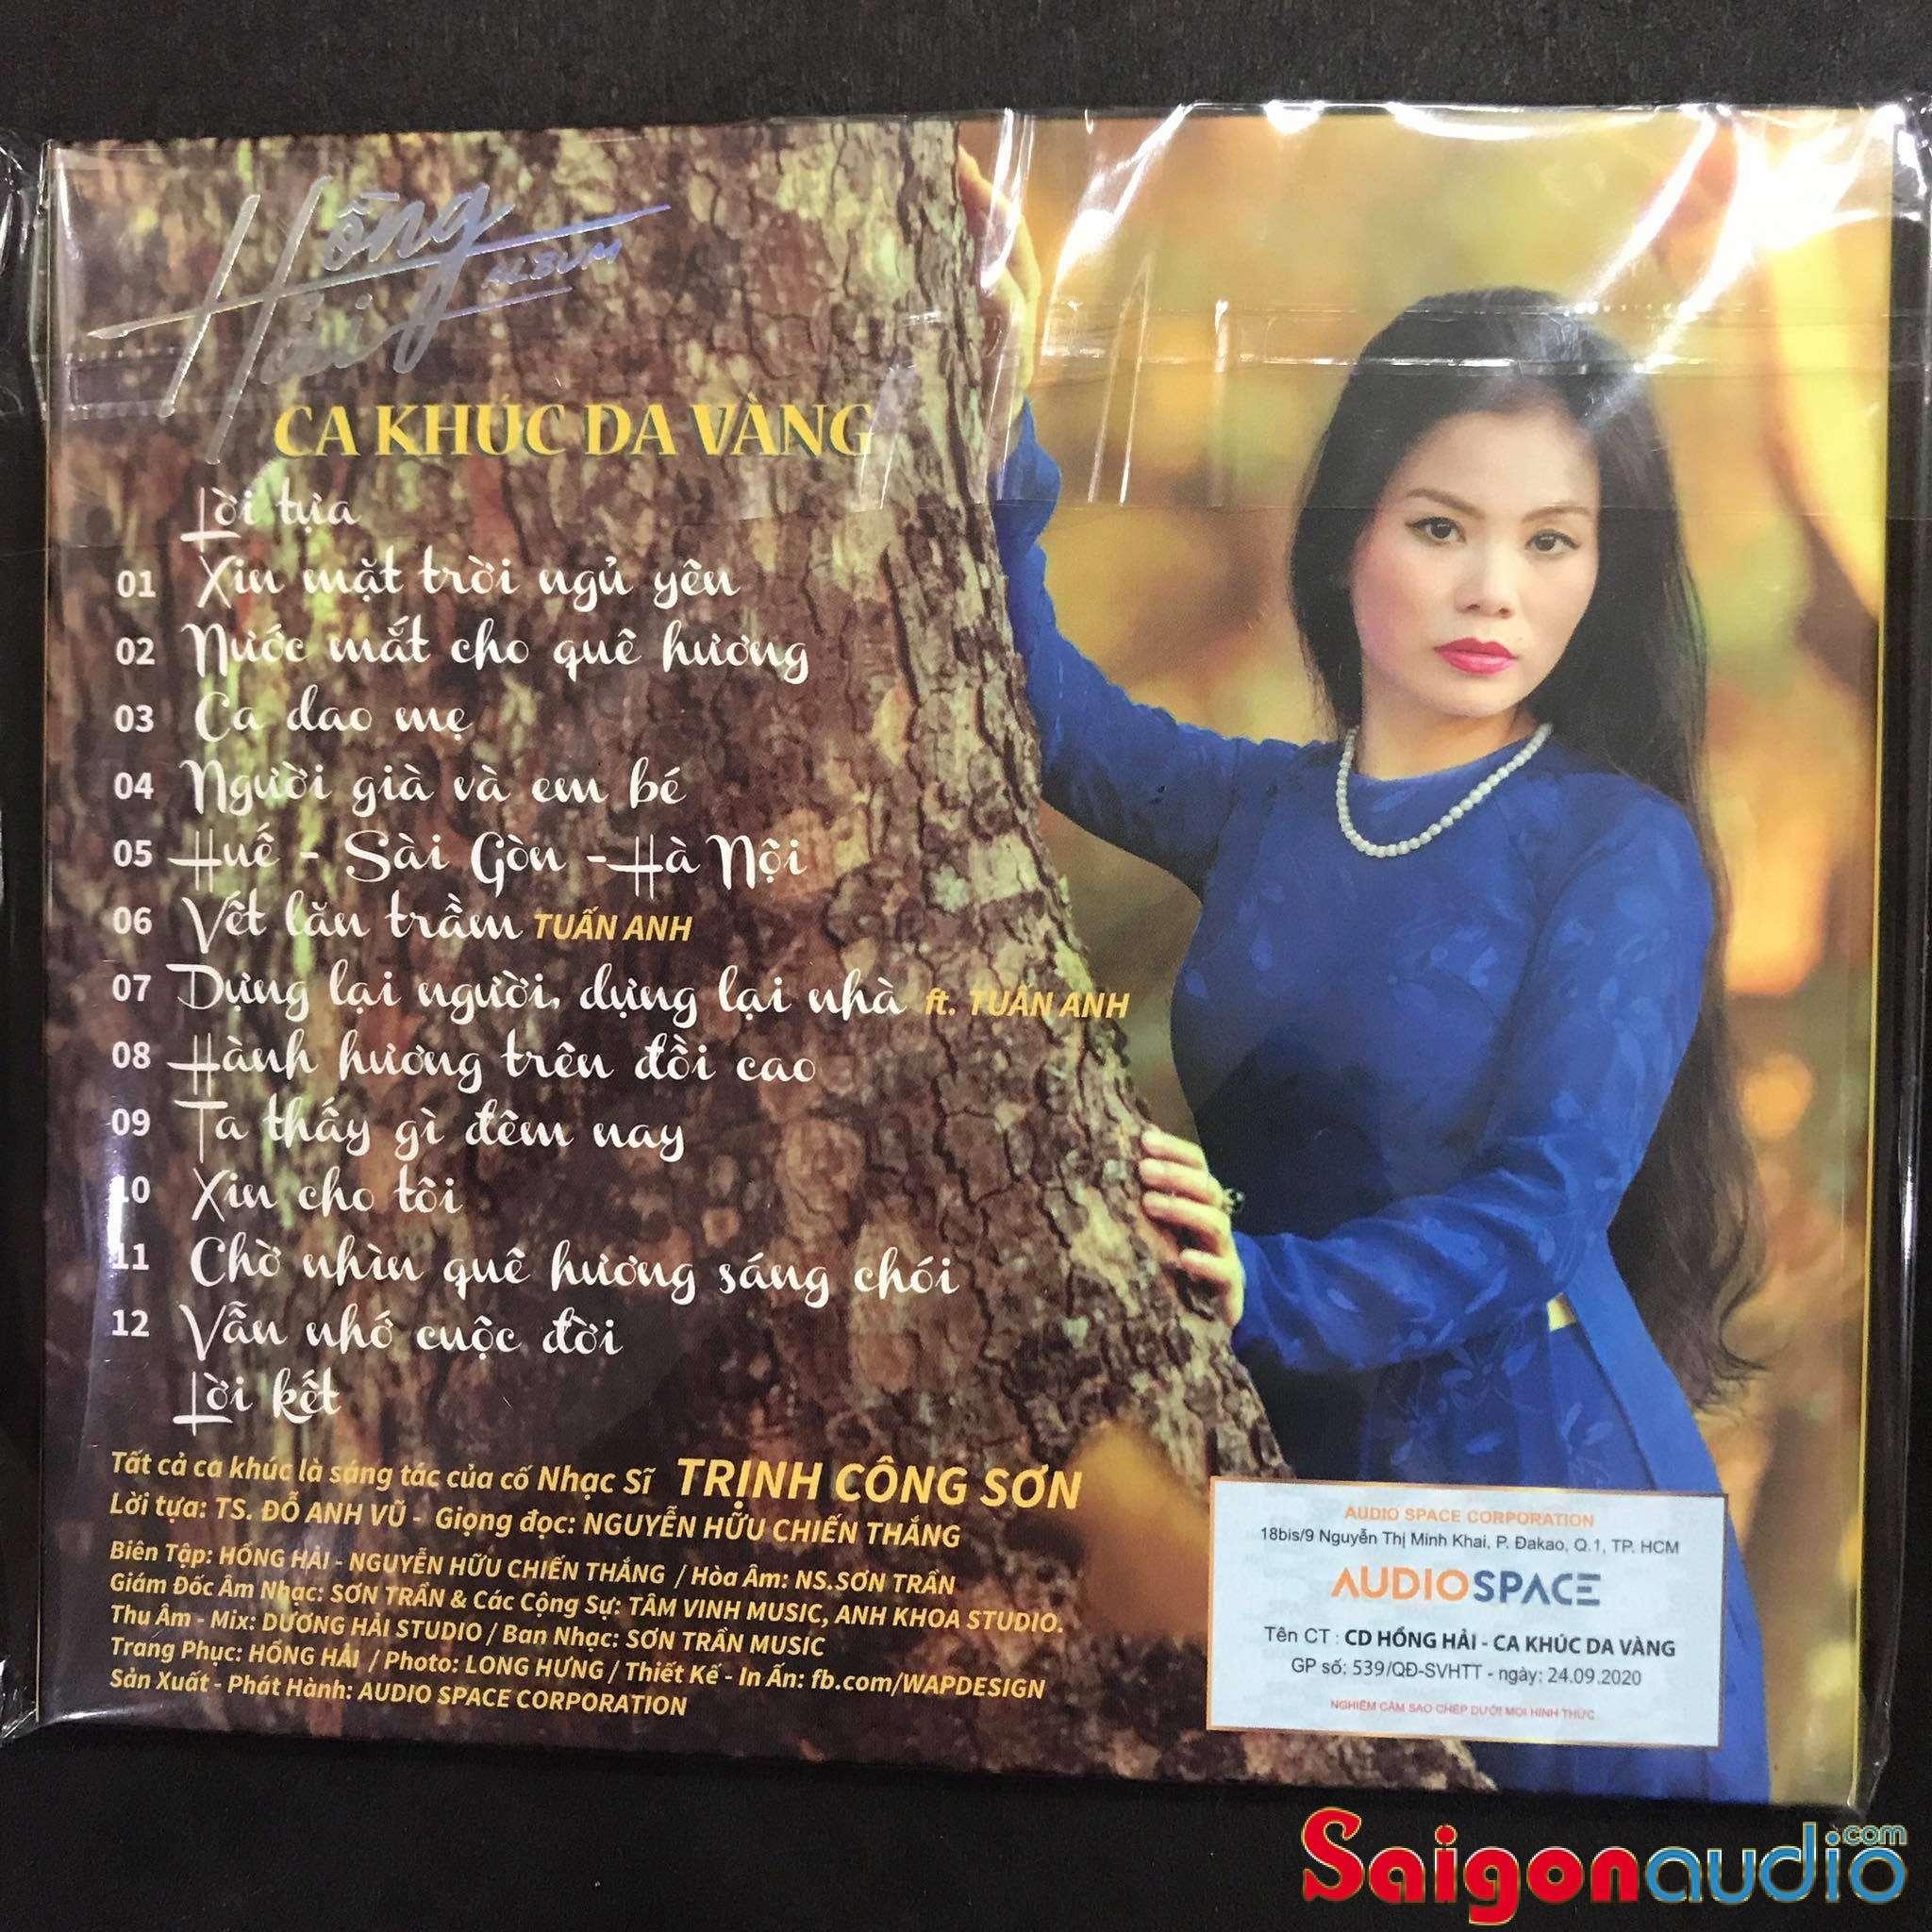 Đĩa CD Ca khúc da vàng - Hồng Hải